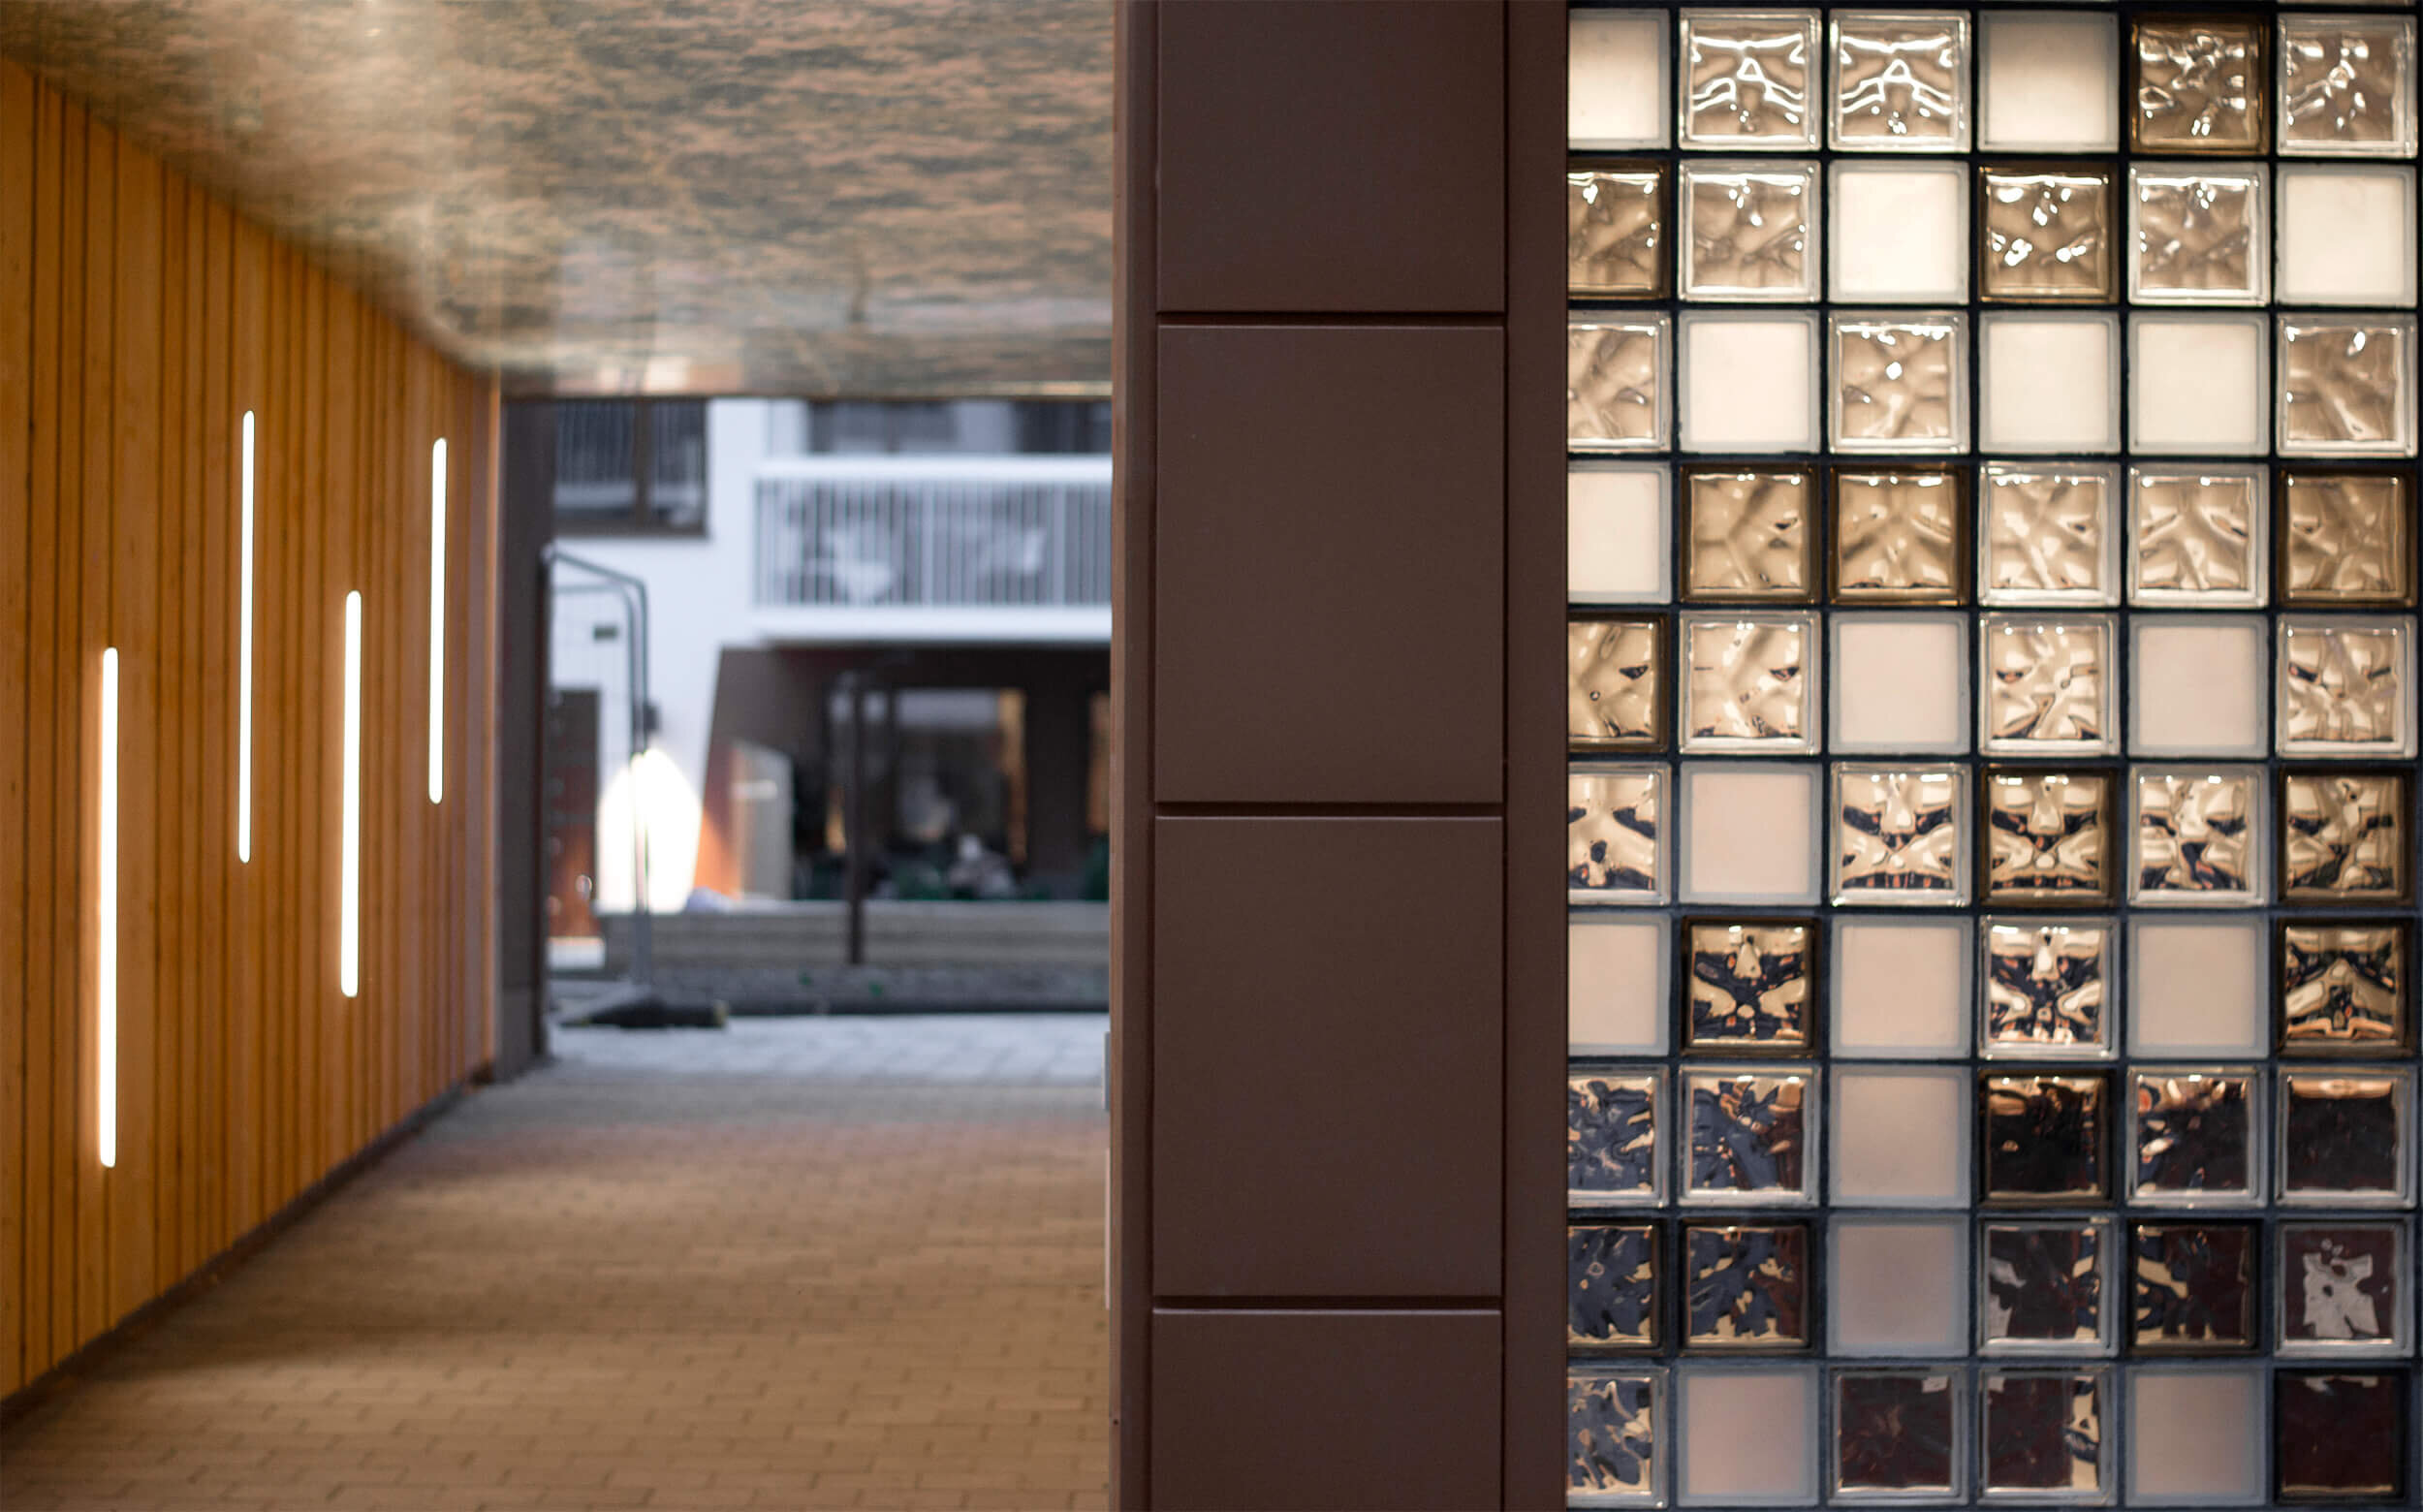 Glasbetong i miljörummet skapar värme - Varje miljörum hör ihop med en plats. Ljusinsläppen ger på dagen en trevligare, varmare inomhusmiljö. På kvällen bidrar belysningen till en intressant prisma som lyser upp gatan. Inslag av rödbruna glas knyter an till husets färgskala